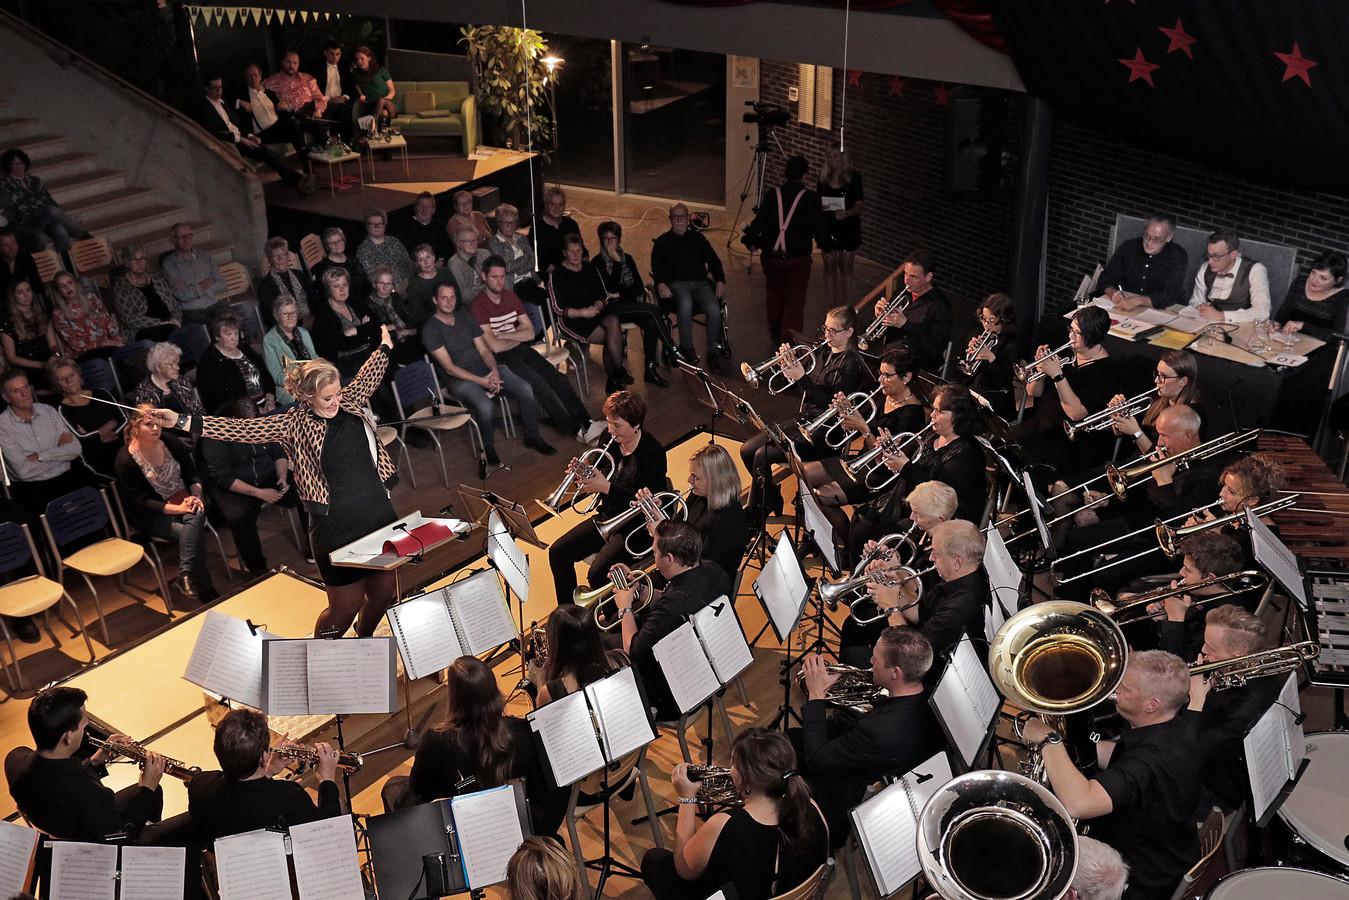 De Geffense fanfare WIK in de lokale variant van het tv-programma Maestro.